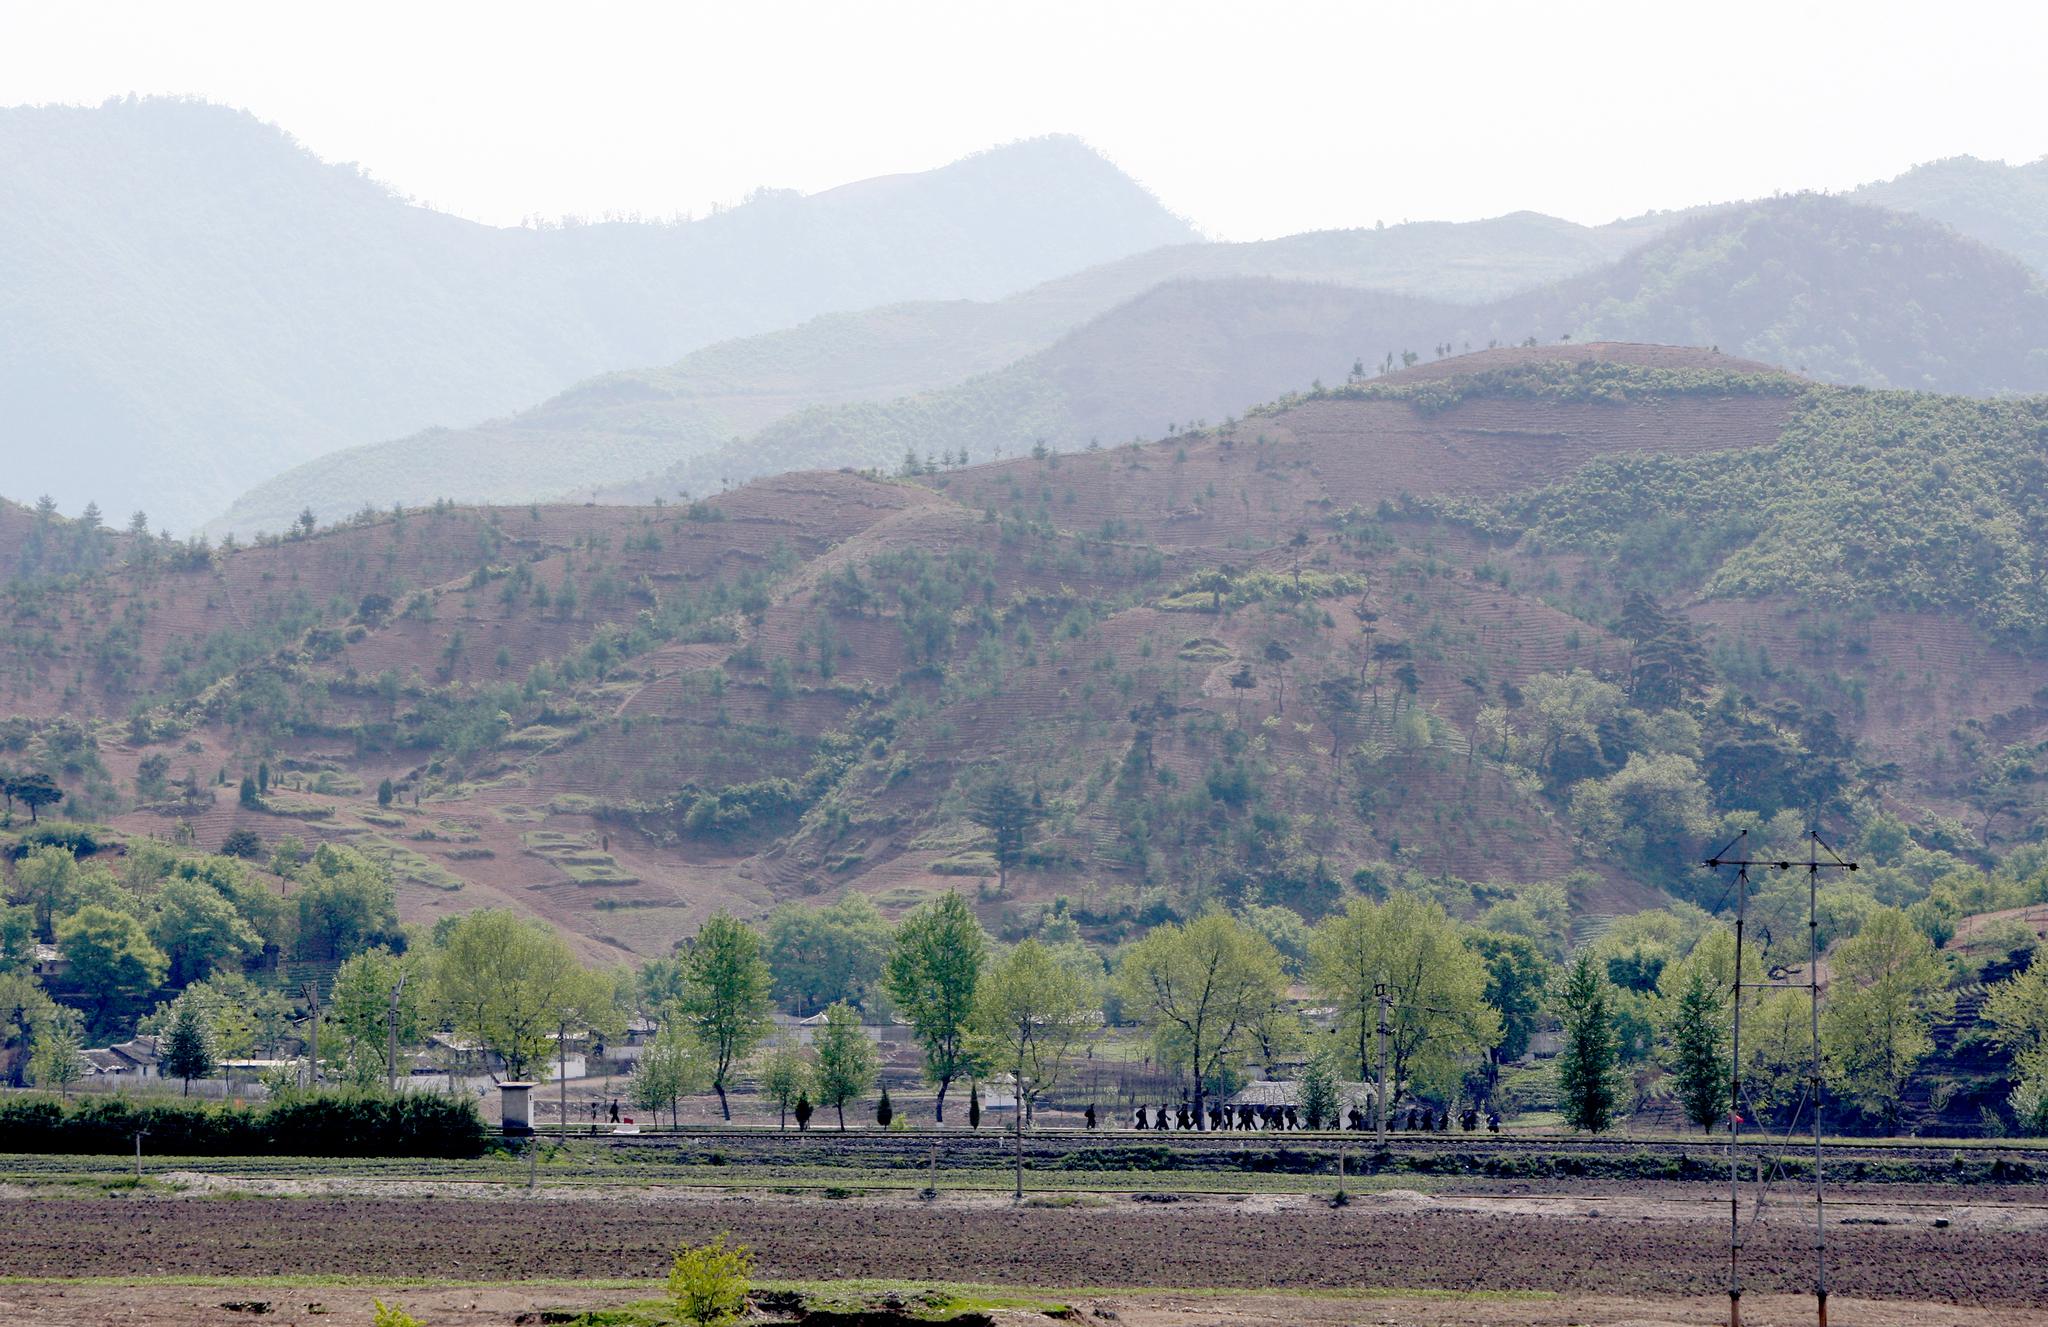 평양에서 묘향산으로 가는 길 옆으로 보이는 헐벗은 산. 마을 뒤 야산은 정상까지 밭으로 개간됐다. [중앙포토]